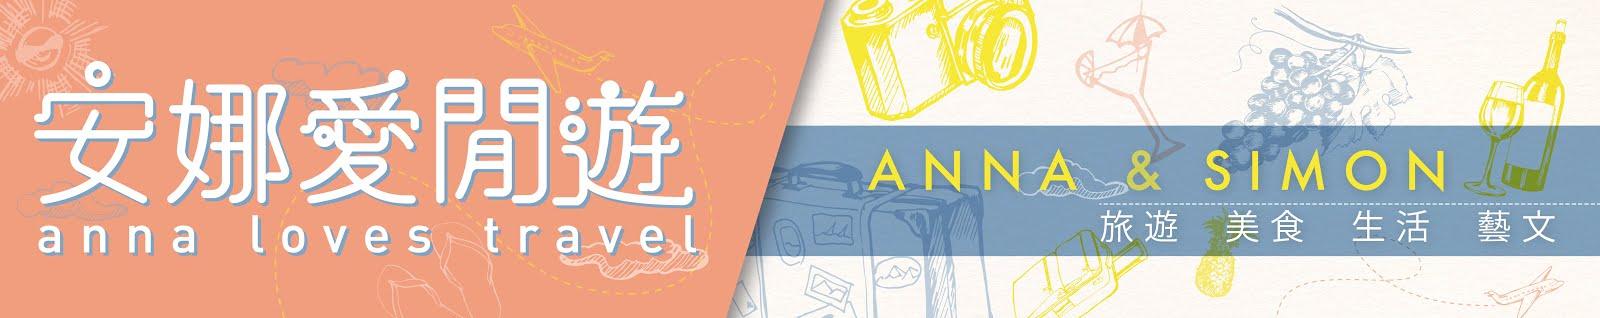 安娜愛閒遊